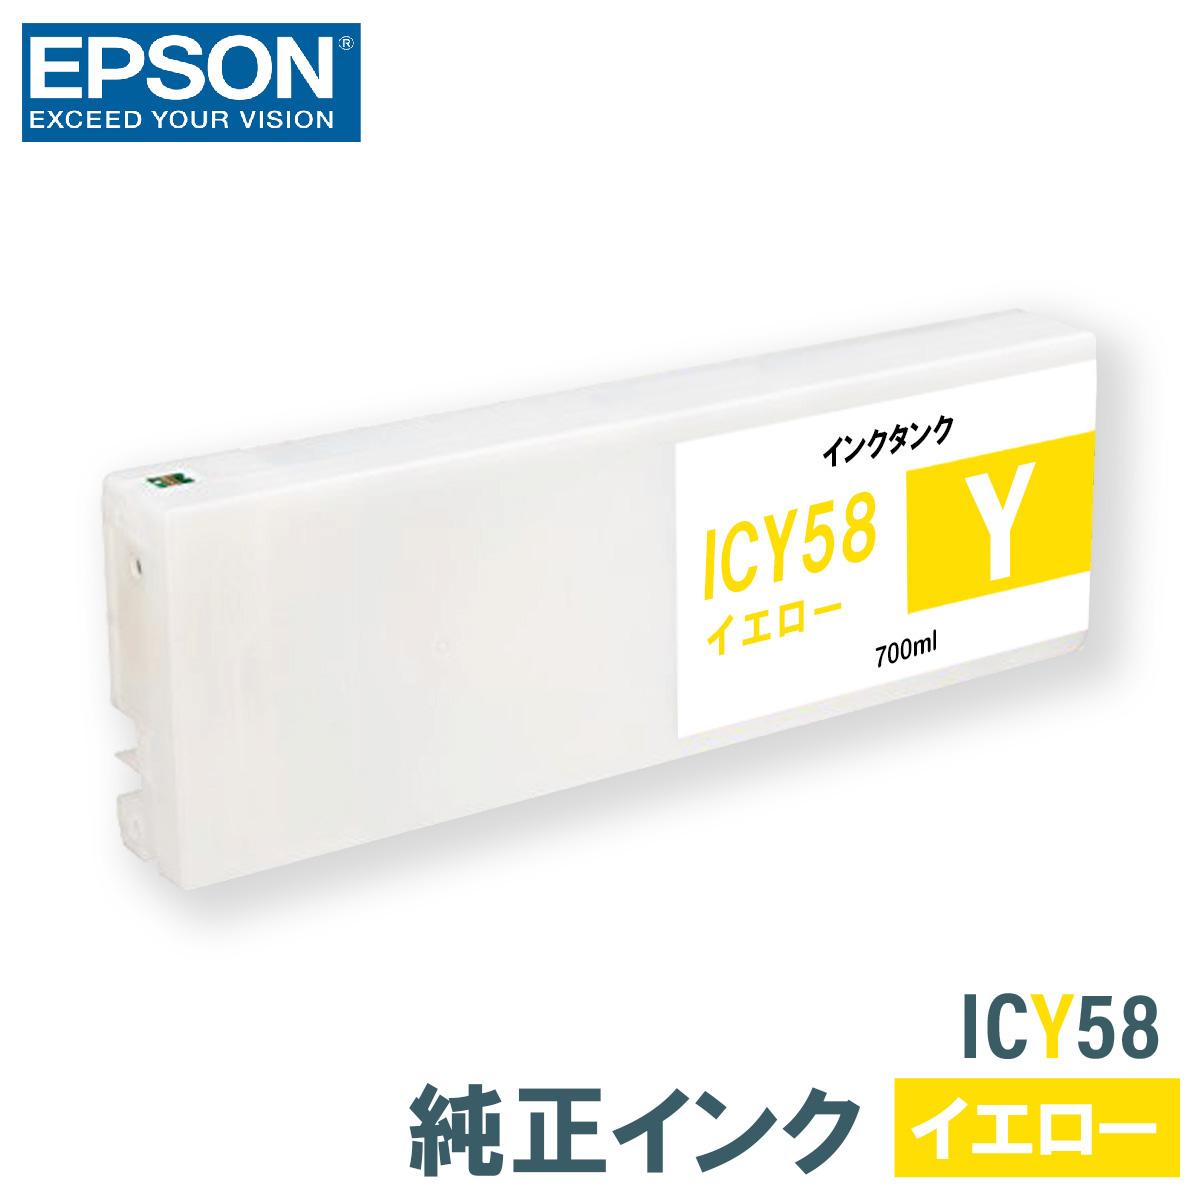 エプソン 純正インク EPSON ICY58 イエロー 700ml